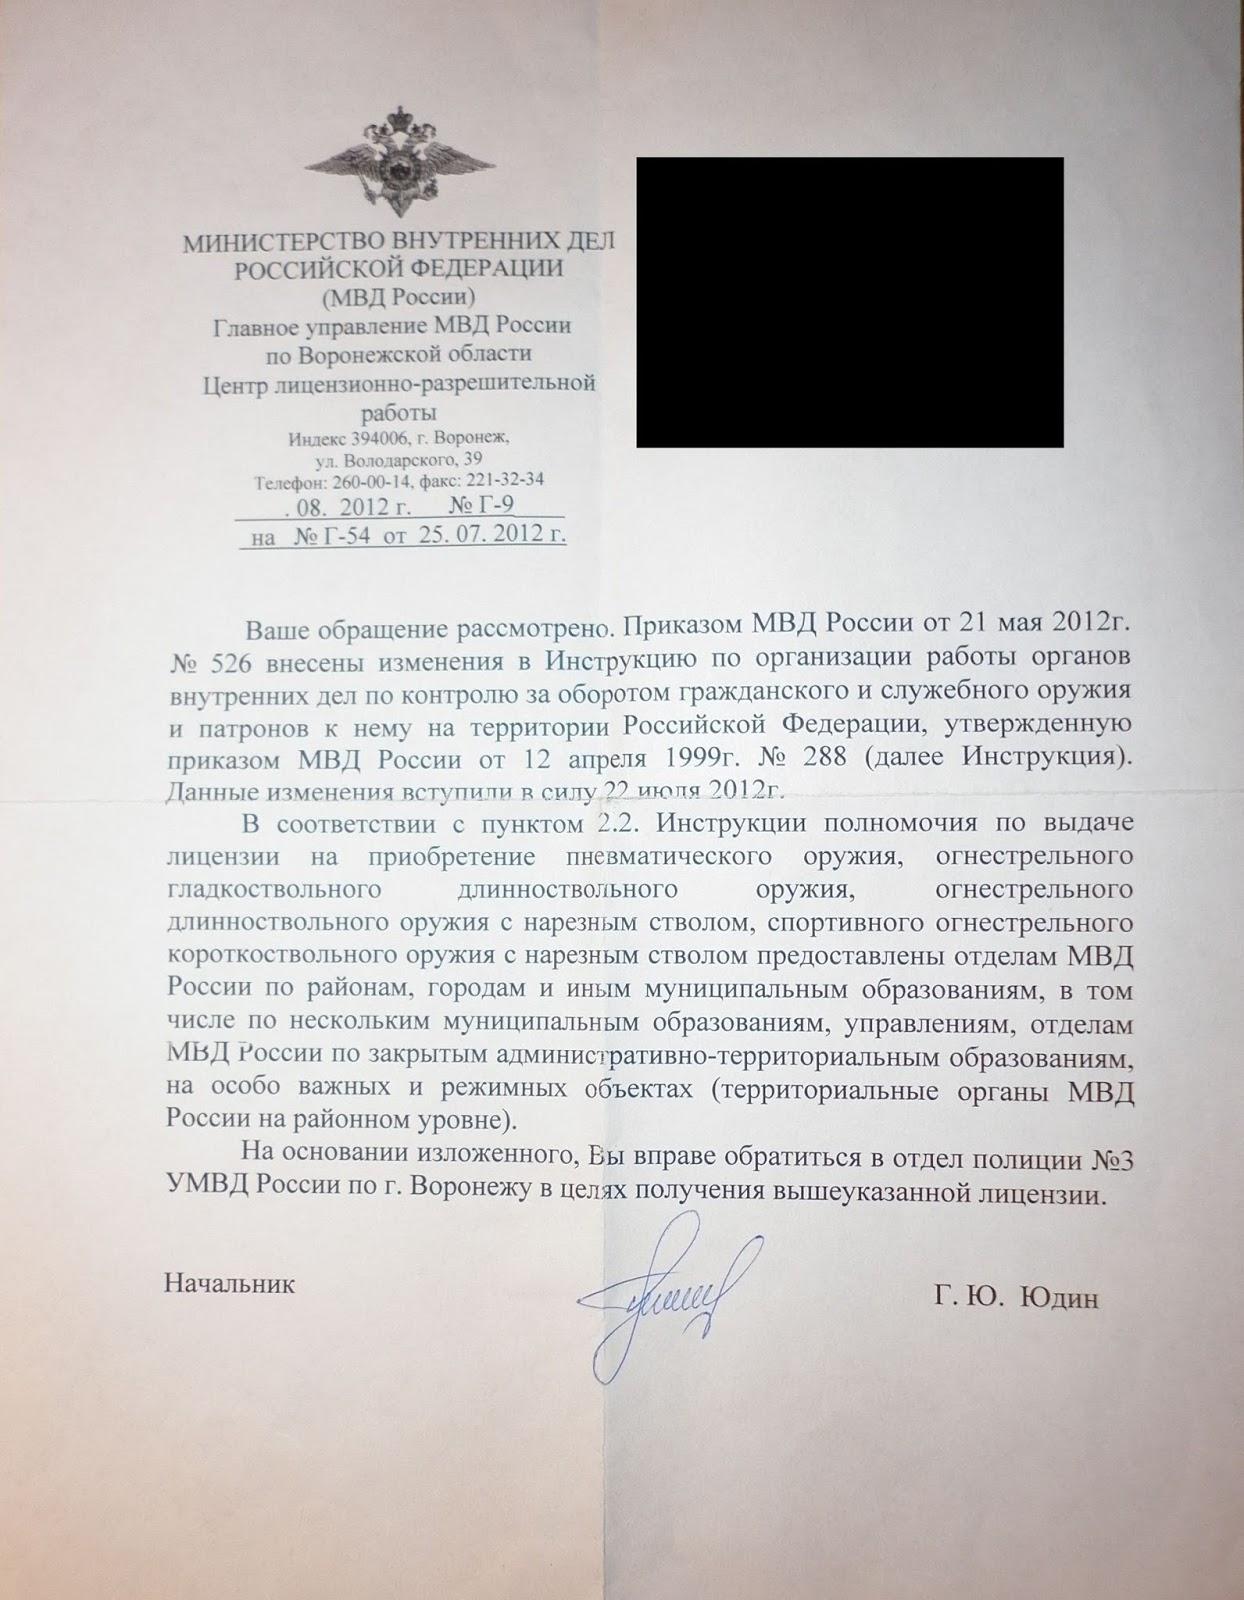 Парни помогите найти приказ мвд россии от 10 года 598, заранее